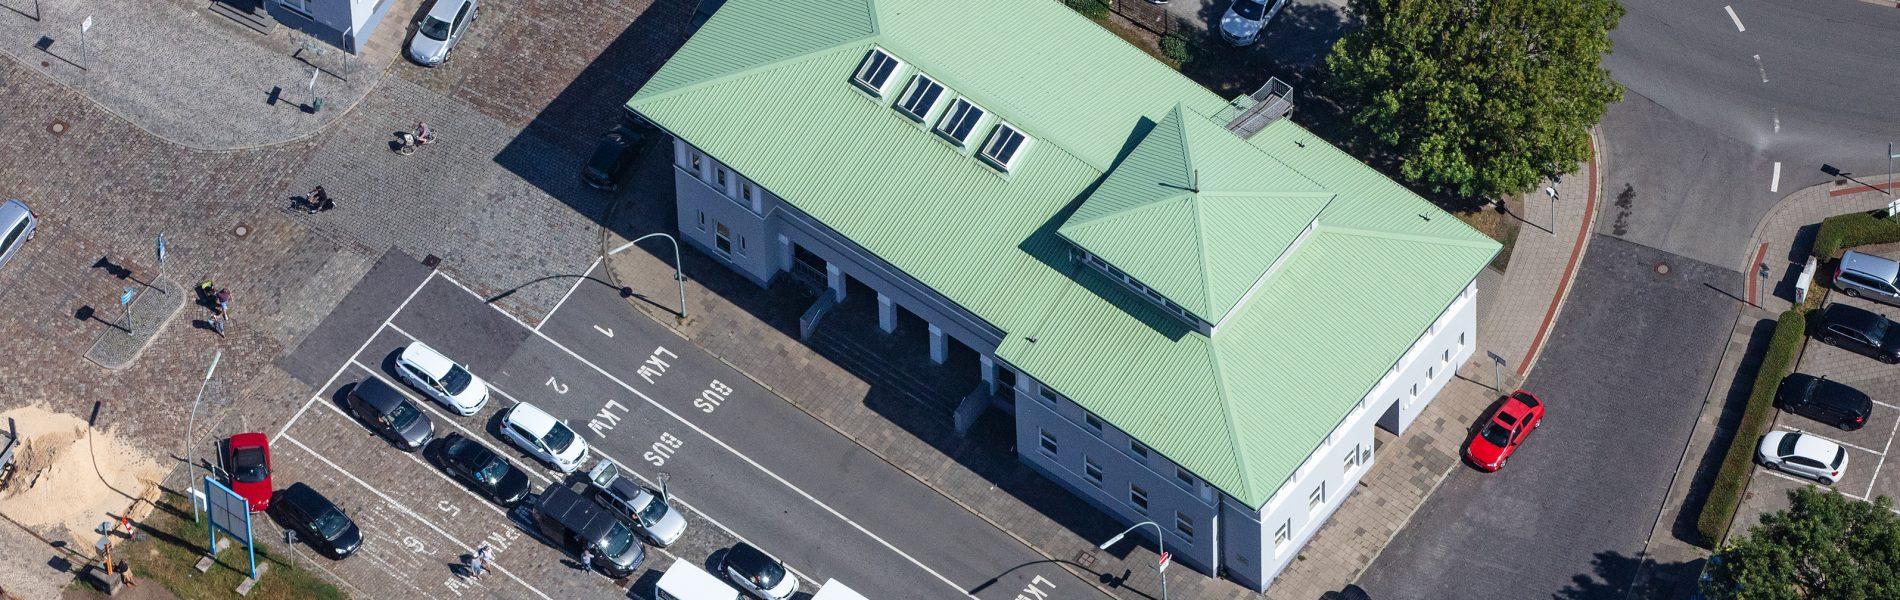 Auf diesem Bild ist das Fährhaus Bremerhaven zu sehen. Es hat ein helles, minzgrünes Dach, das sehr auffällig ist.